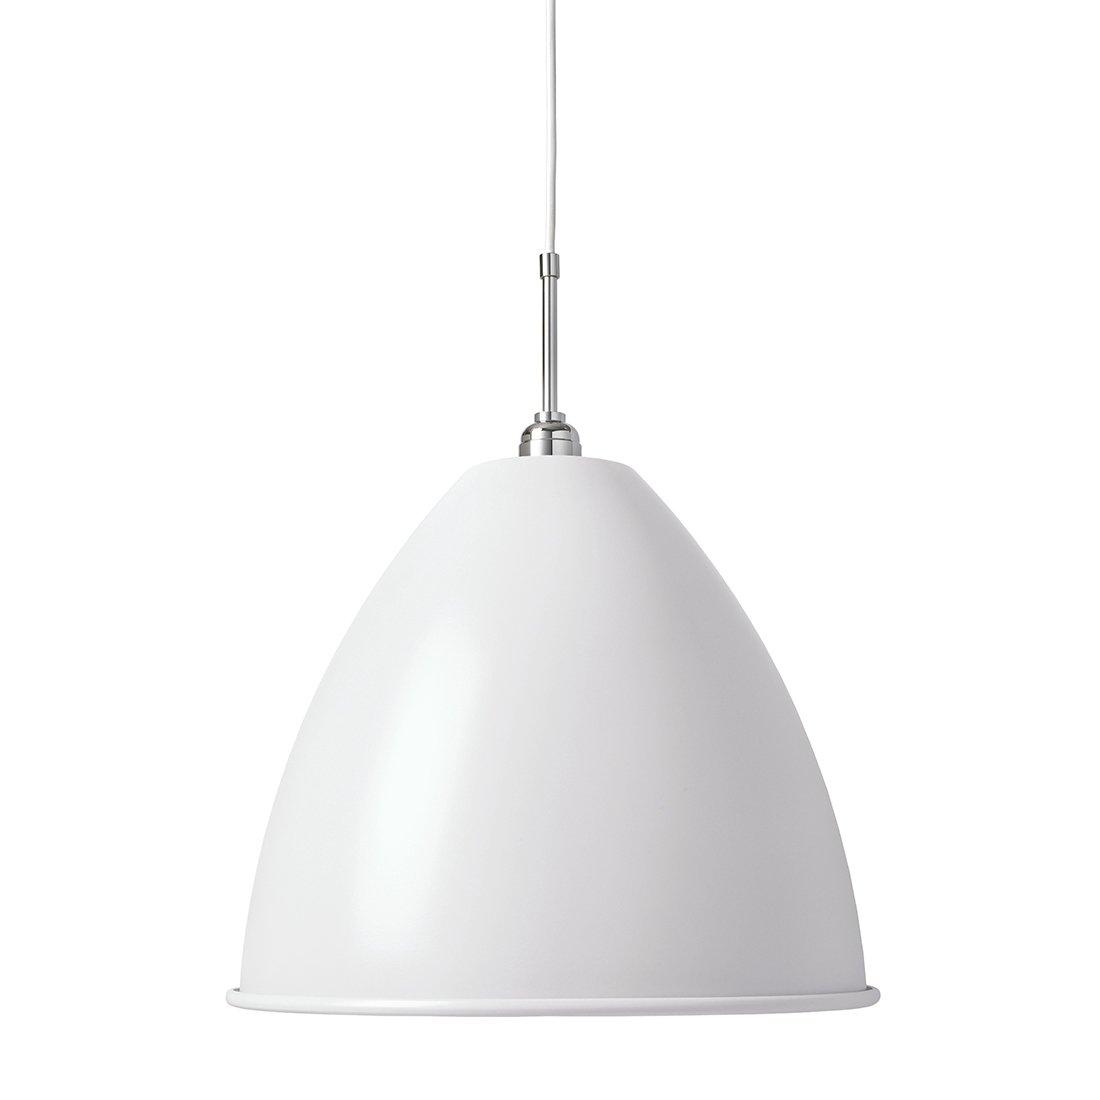 Gubi Bestlite BL9L Hanglamp Wit Chroom